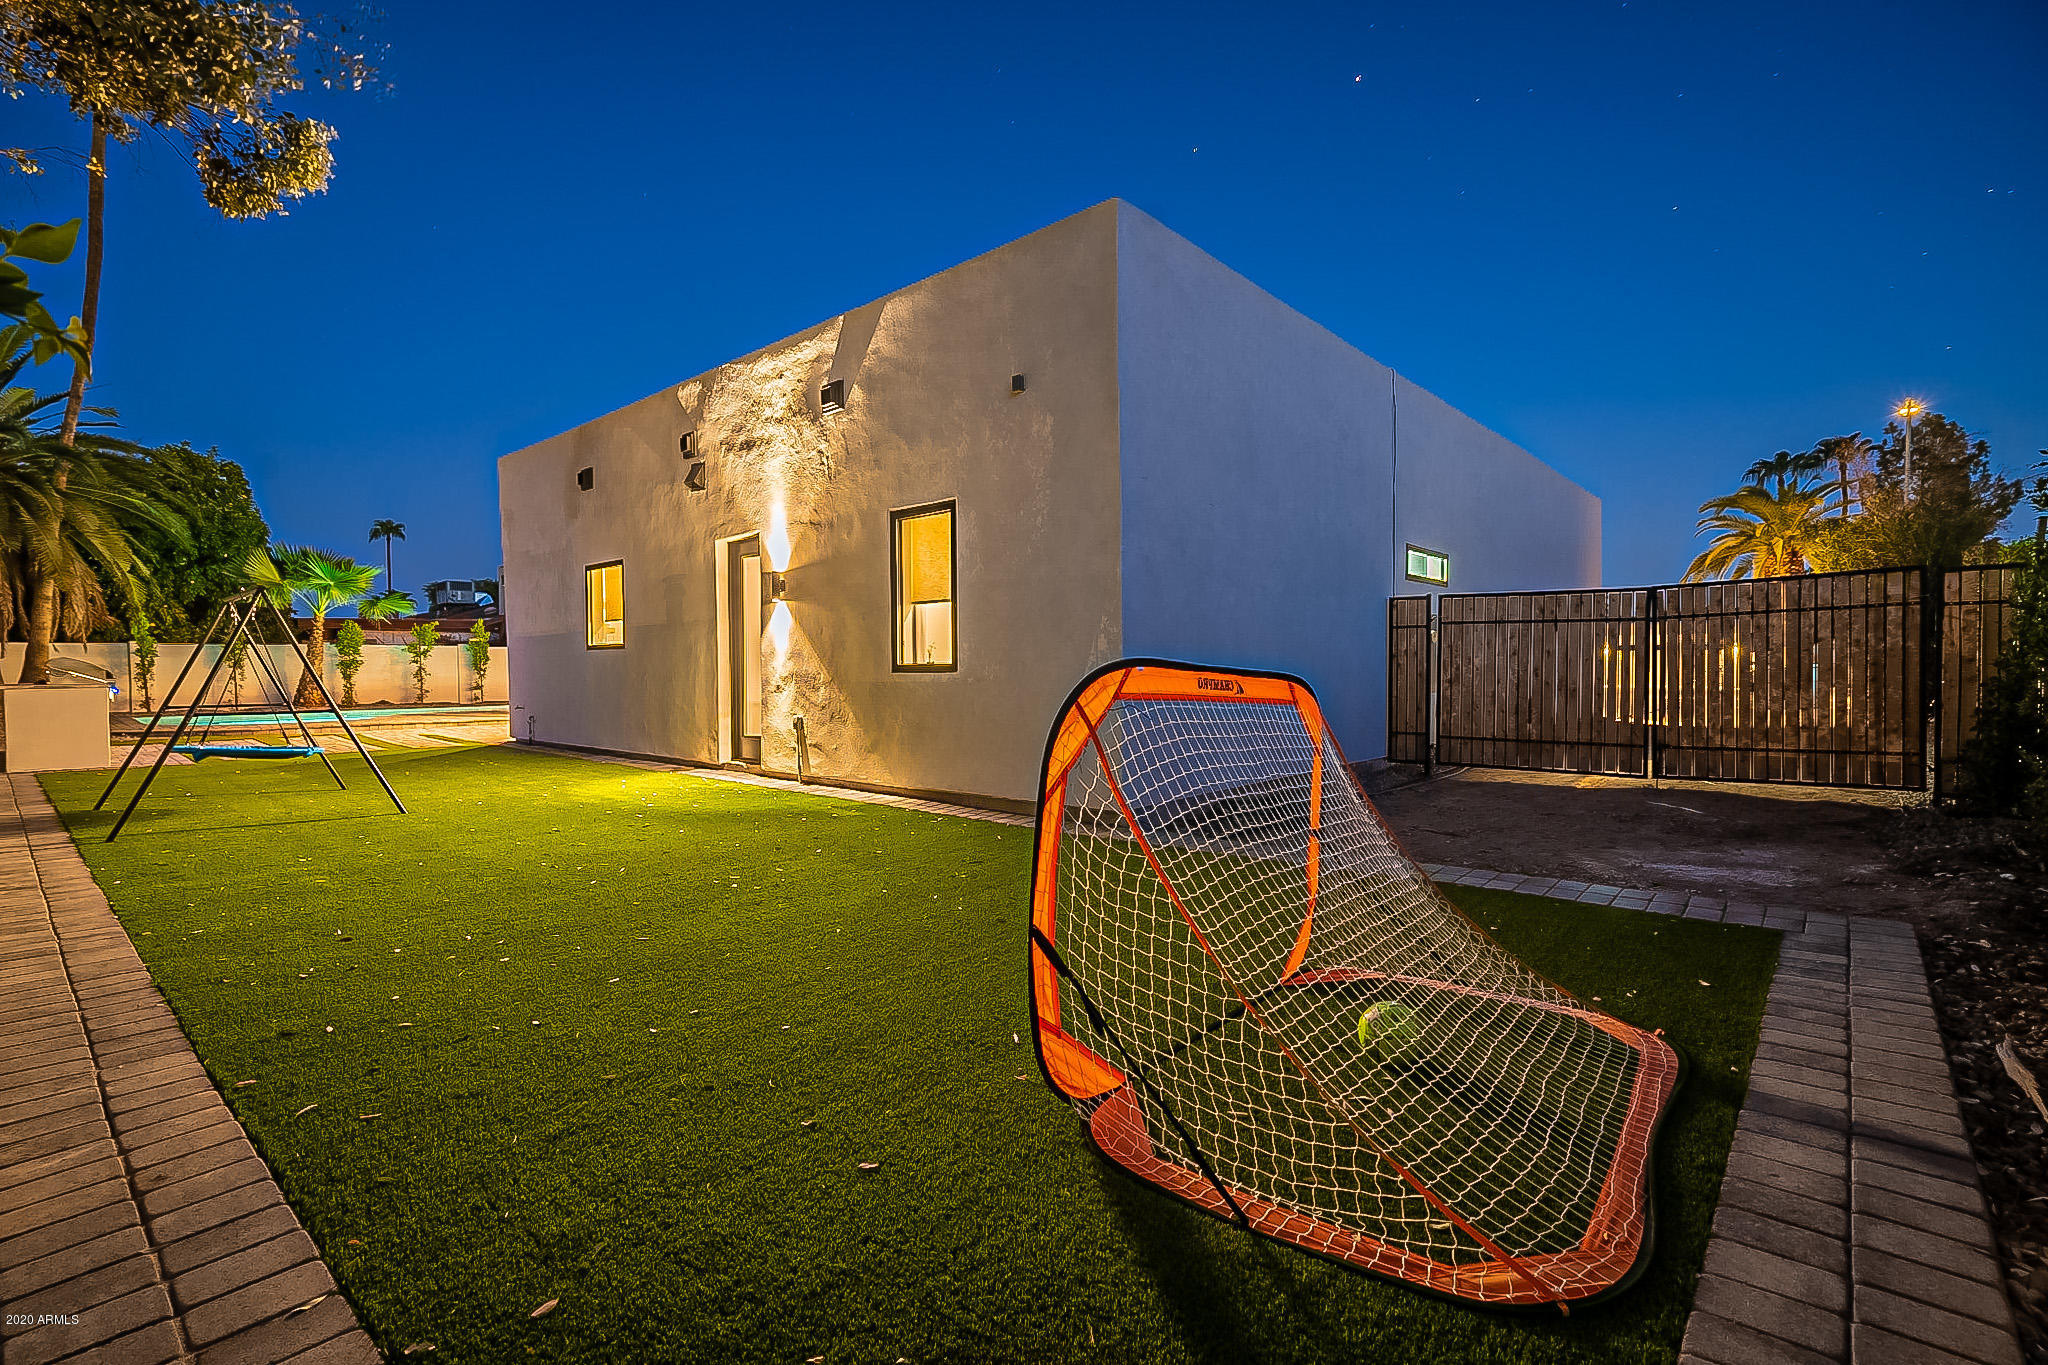 MLS 6128647 5030 E POINSETTIA Drive, Scottsdale, AZ 85254 Scottsdale AZ Private Pool